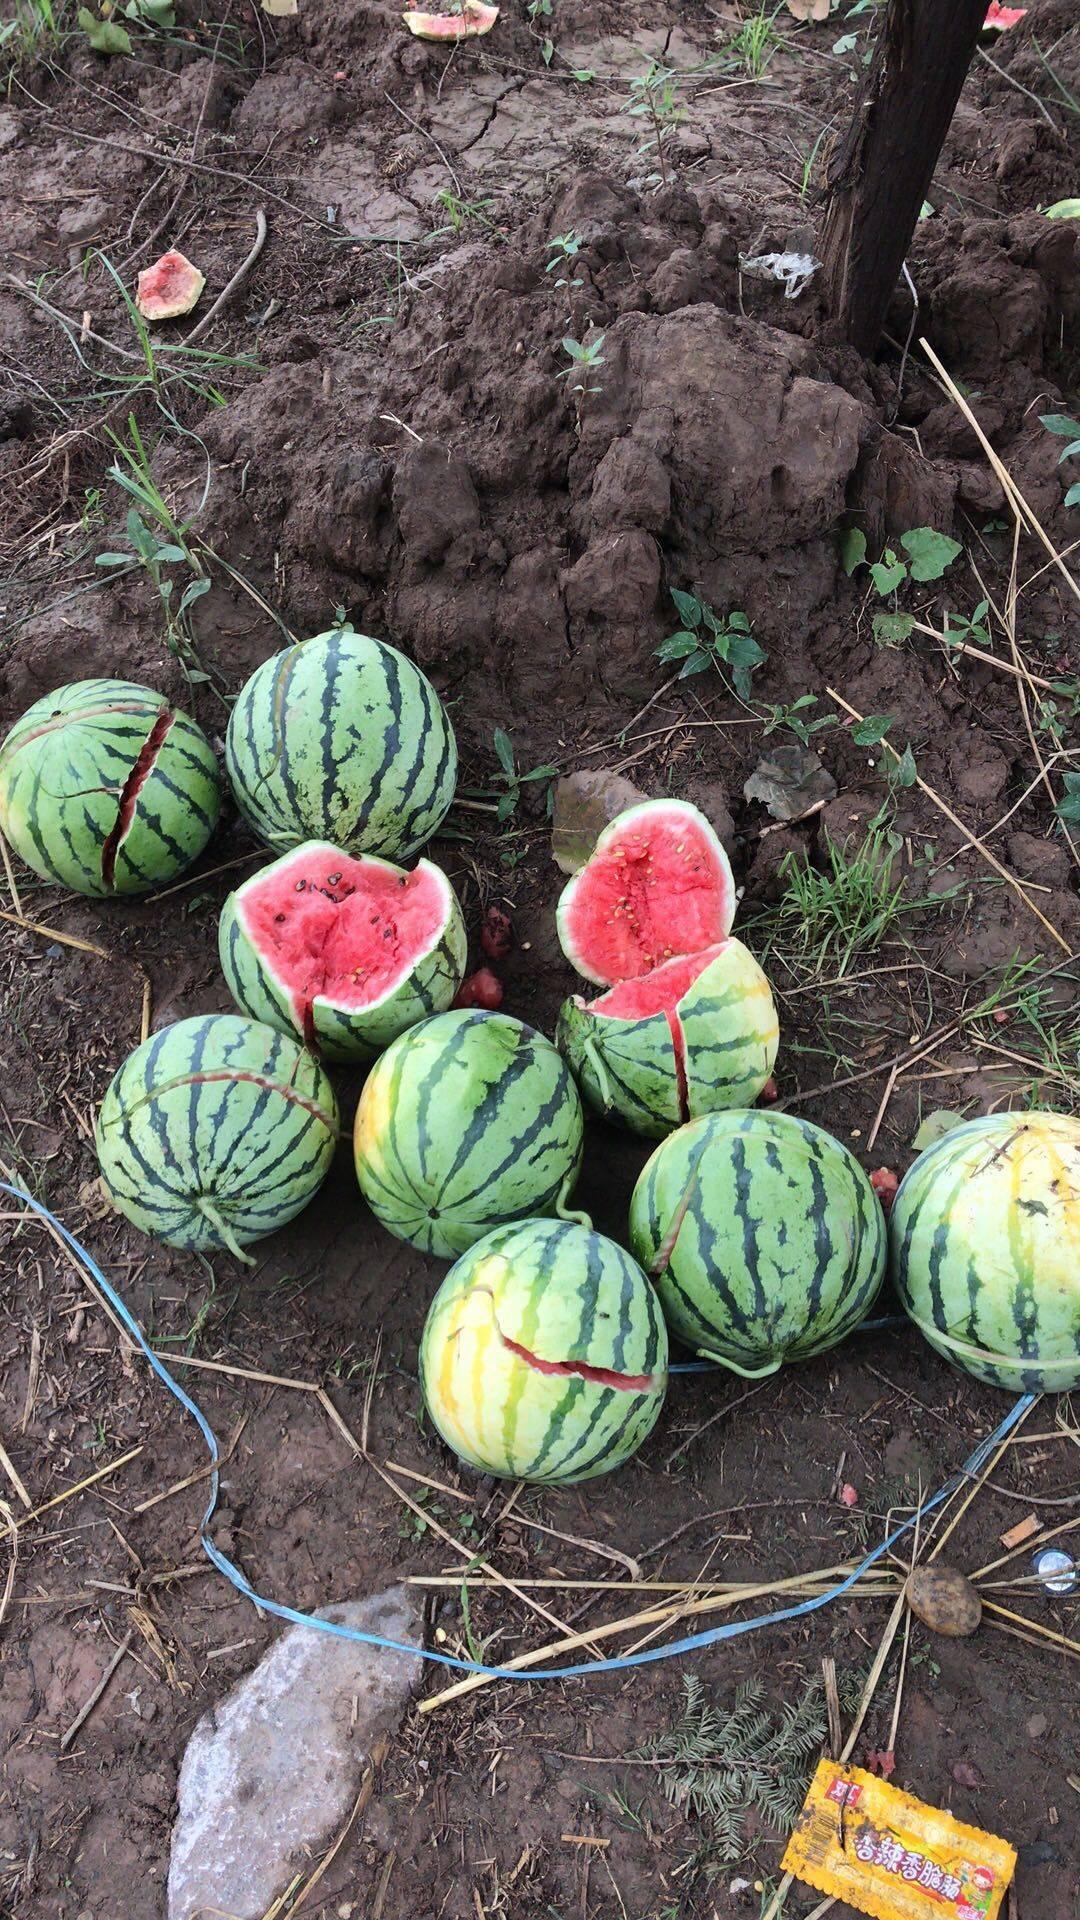 8424京欣露天少籽西瓜,瓜甜皮薄,沙土种植